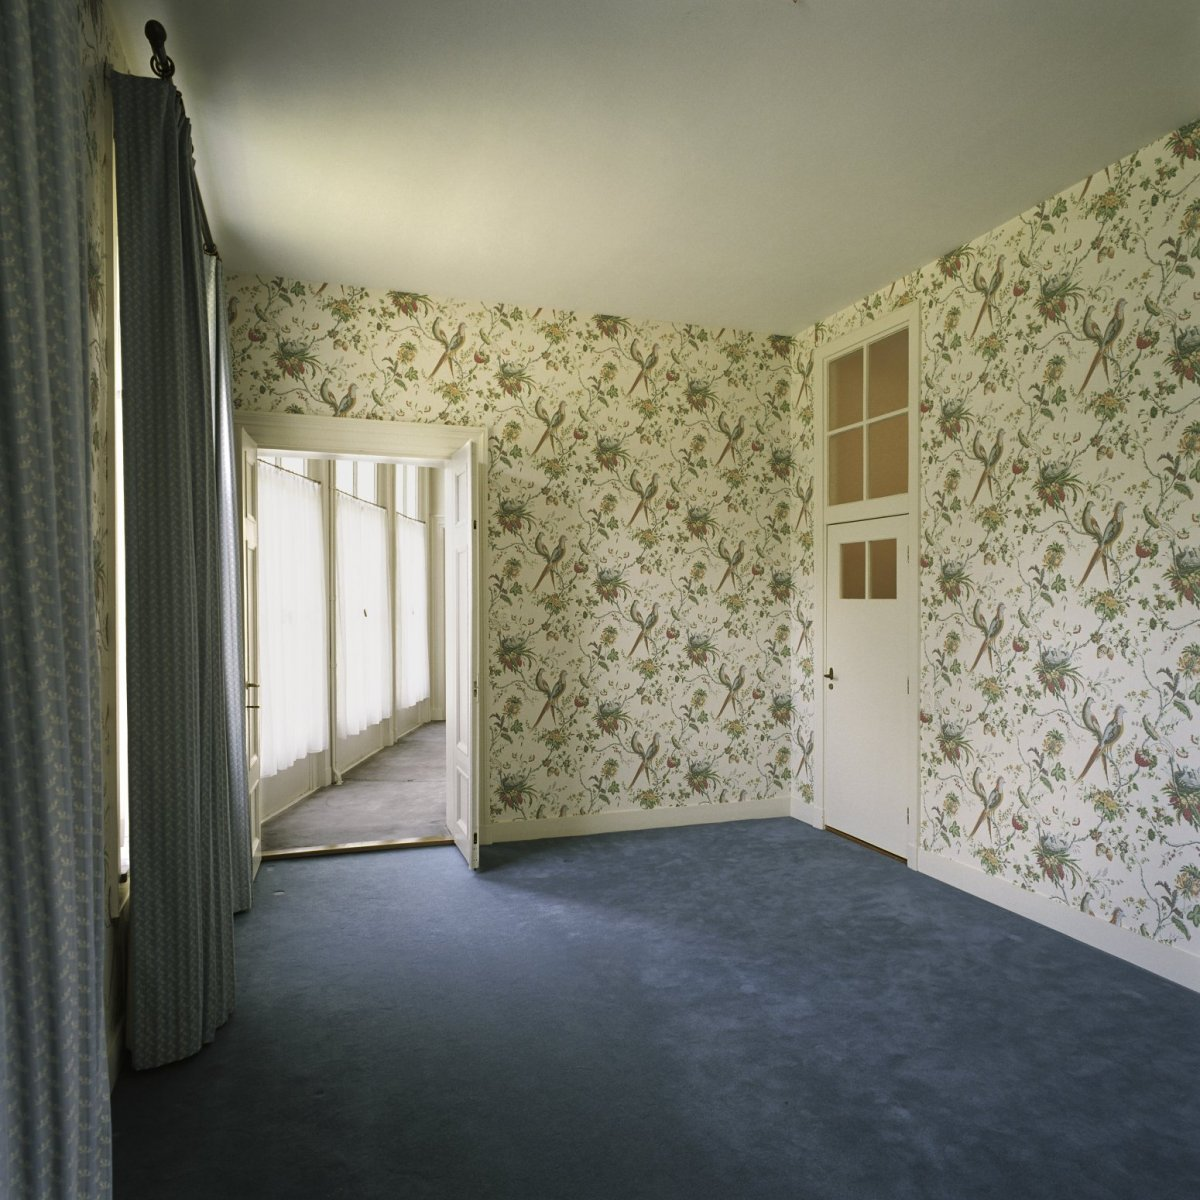 File:Interieur, overzicht van de de ruimte flat 2 genaamd, gelegen ...